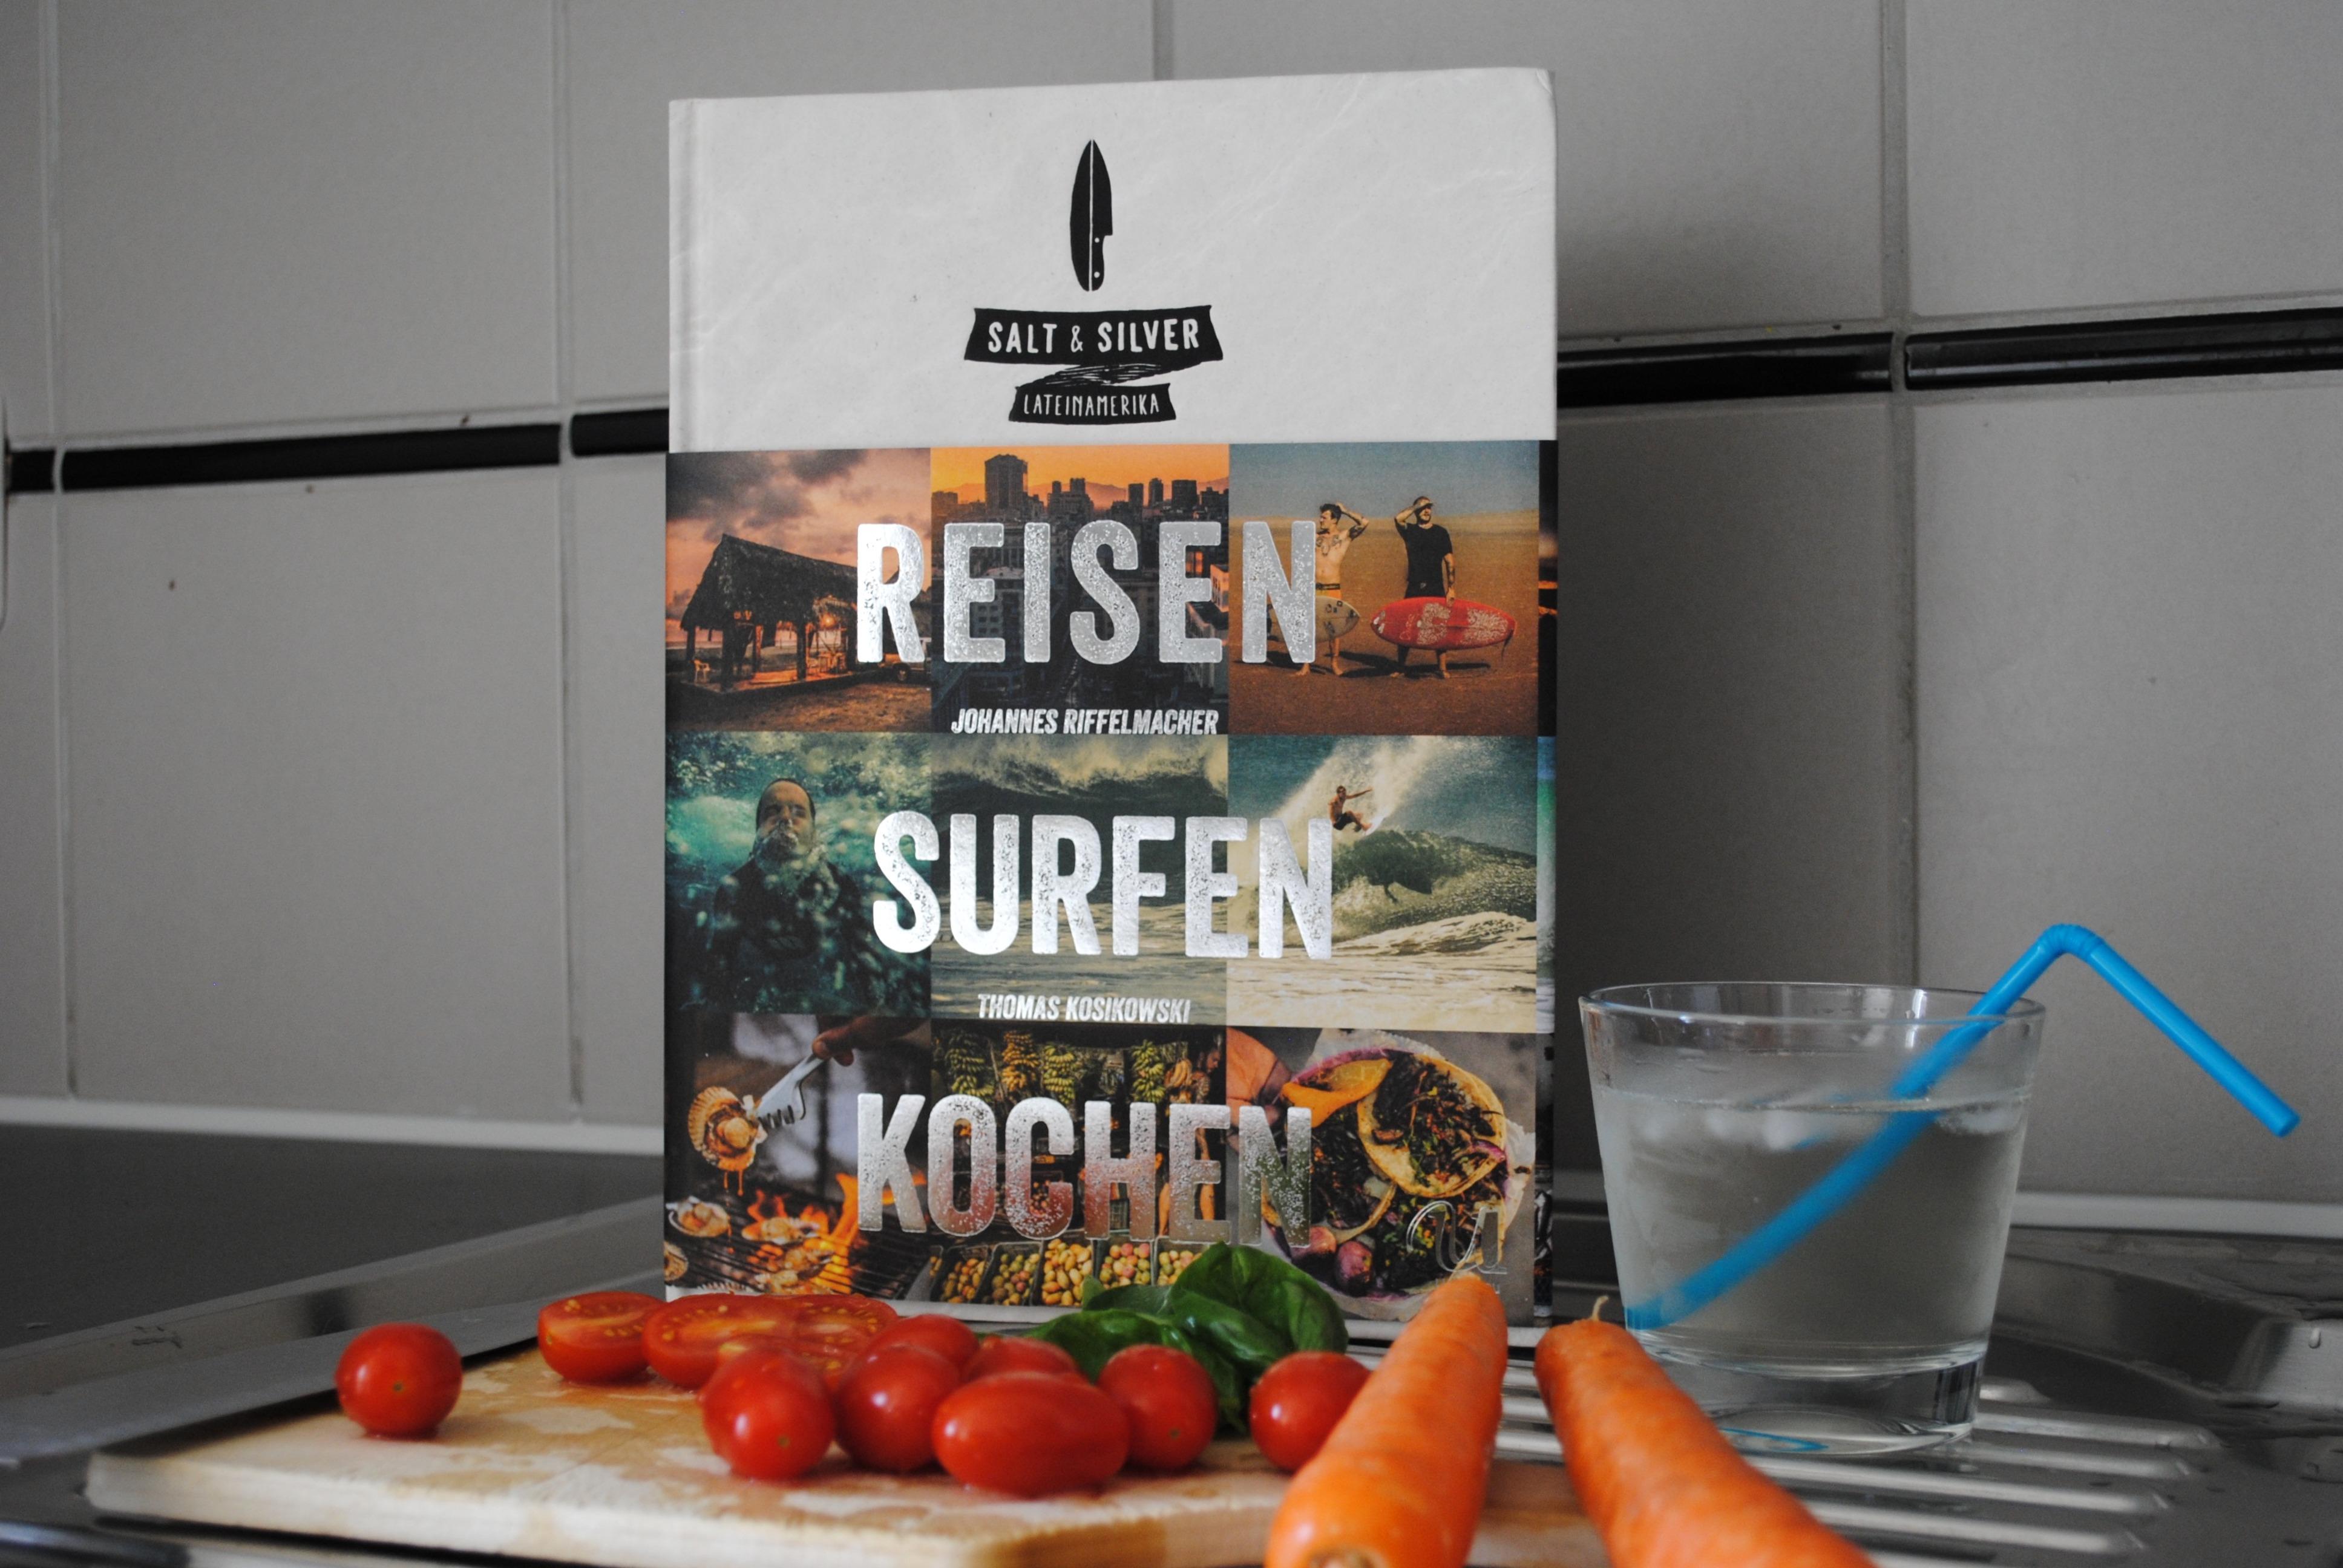 """""""Reisen, Surfen, Kochen"""" von Johannes Riffelmacher und Thomas Kosikowski ist 2015 im Neuer Umschau Buchverlag erschienen und umfasst 320 Seiten. Das Projekt der beiden nennt sich """"Salt and Silver"""" und es soll in Zukunft noch weitere Reisen geben."""